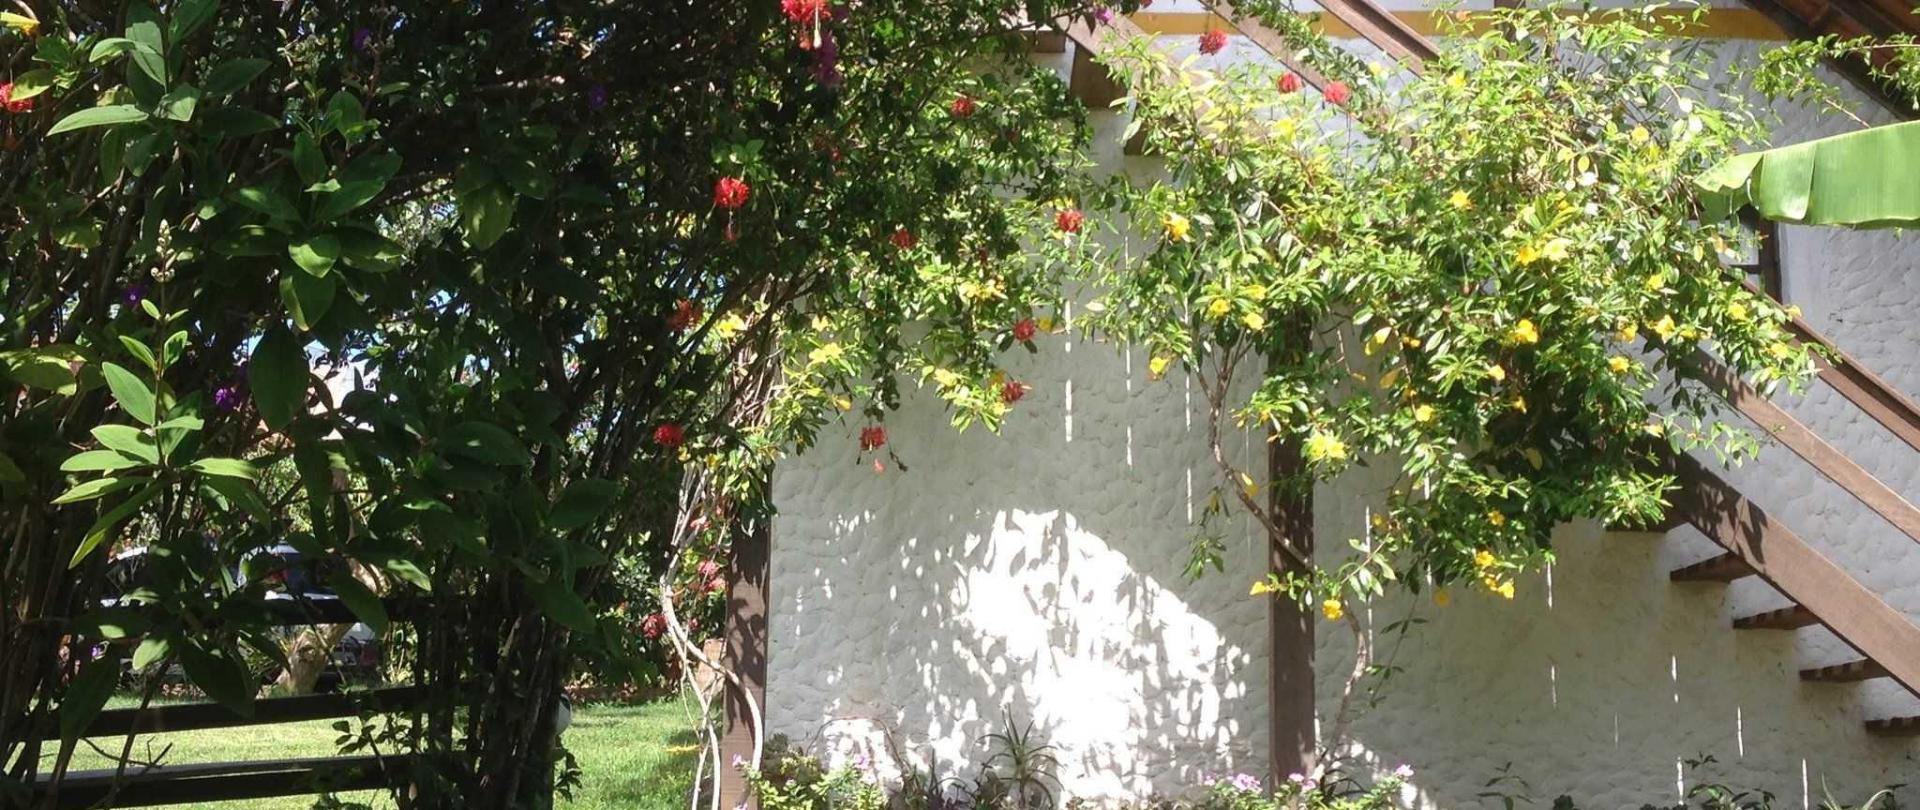 varanda-do-caf-da-manh-vista-das-flores-1.JPG